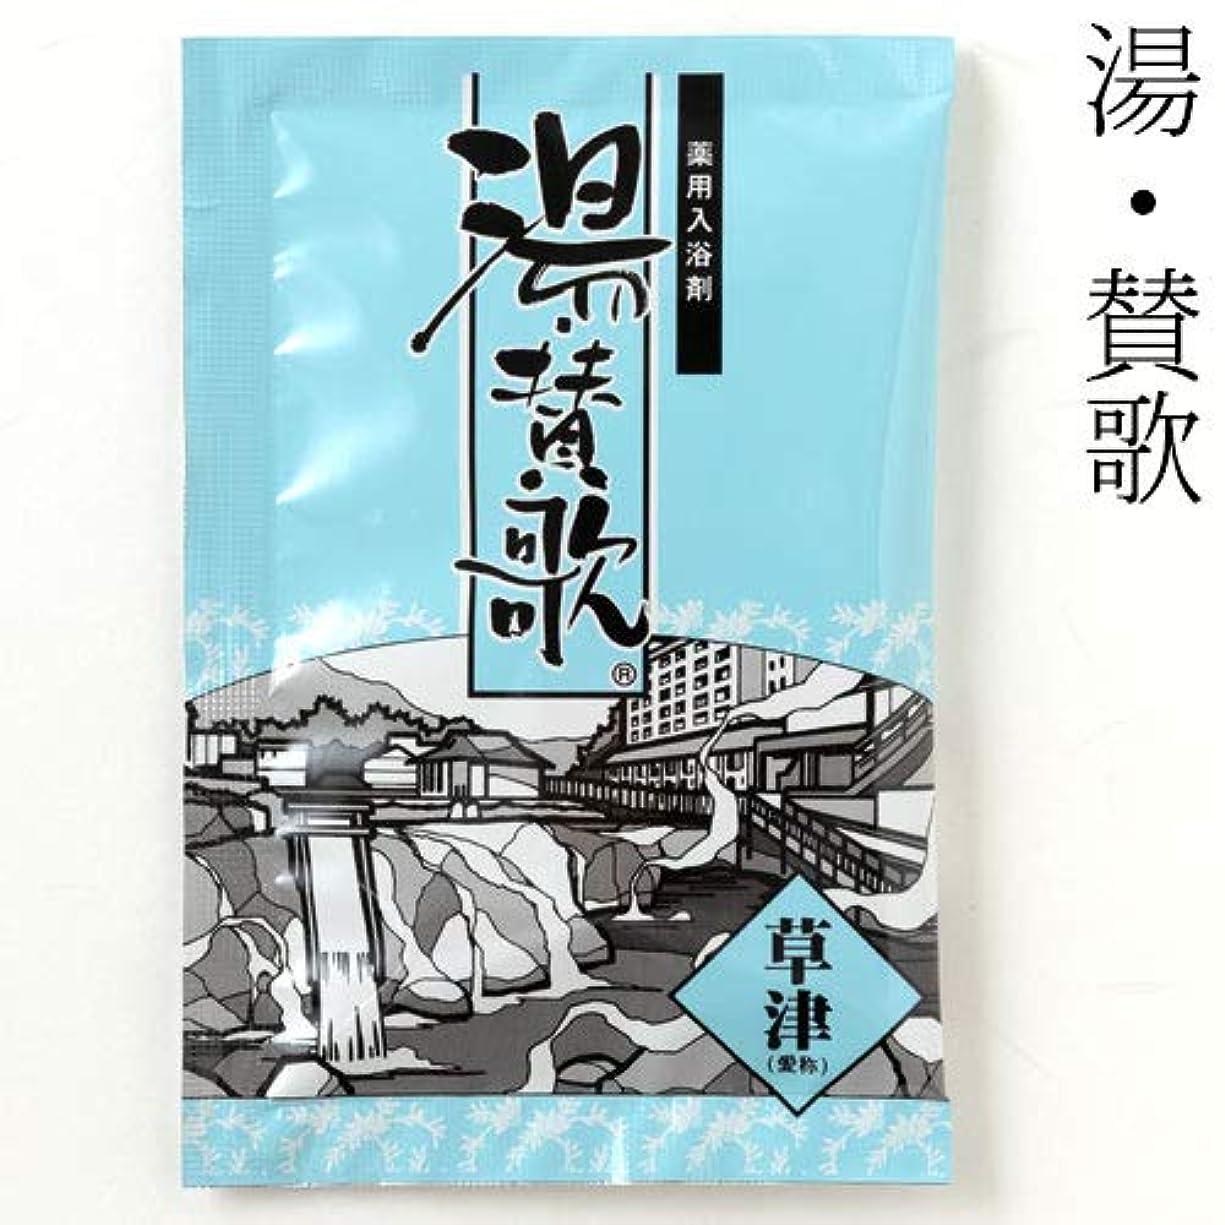 セブン慣習逃れる入浴剤湯?賛歌草津1包石川県のお風呂グッズBath additive, Ishikawa craft